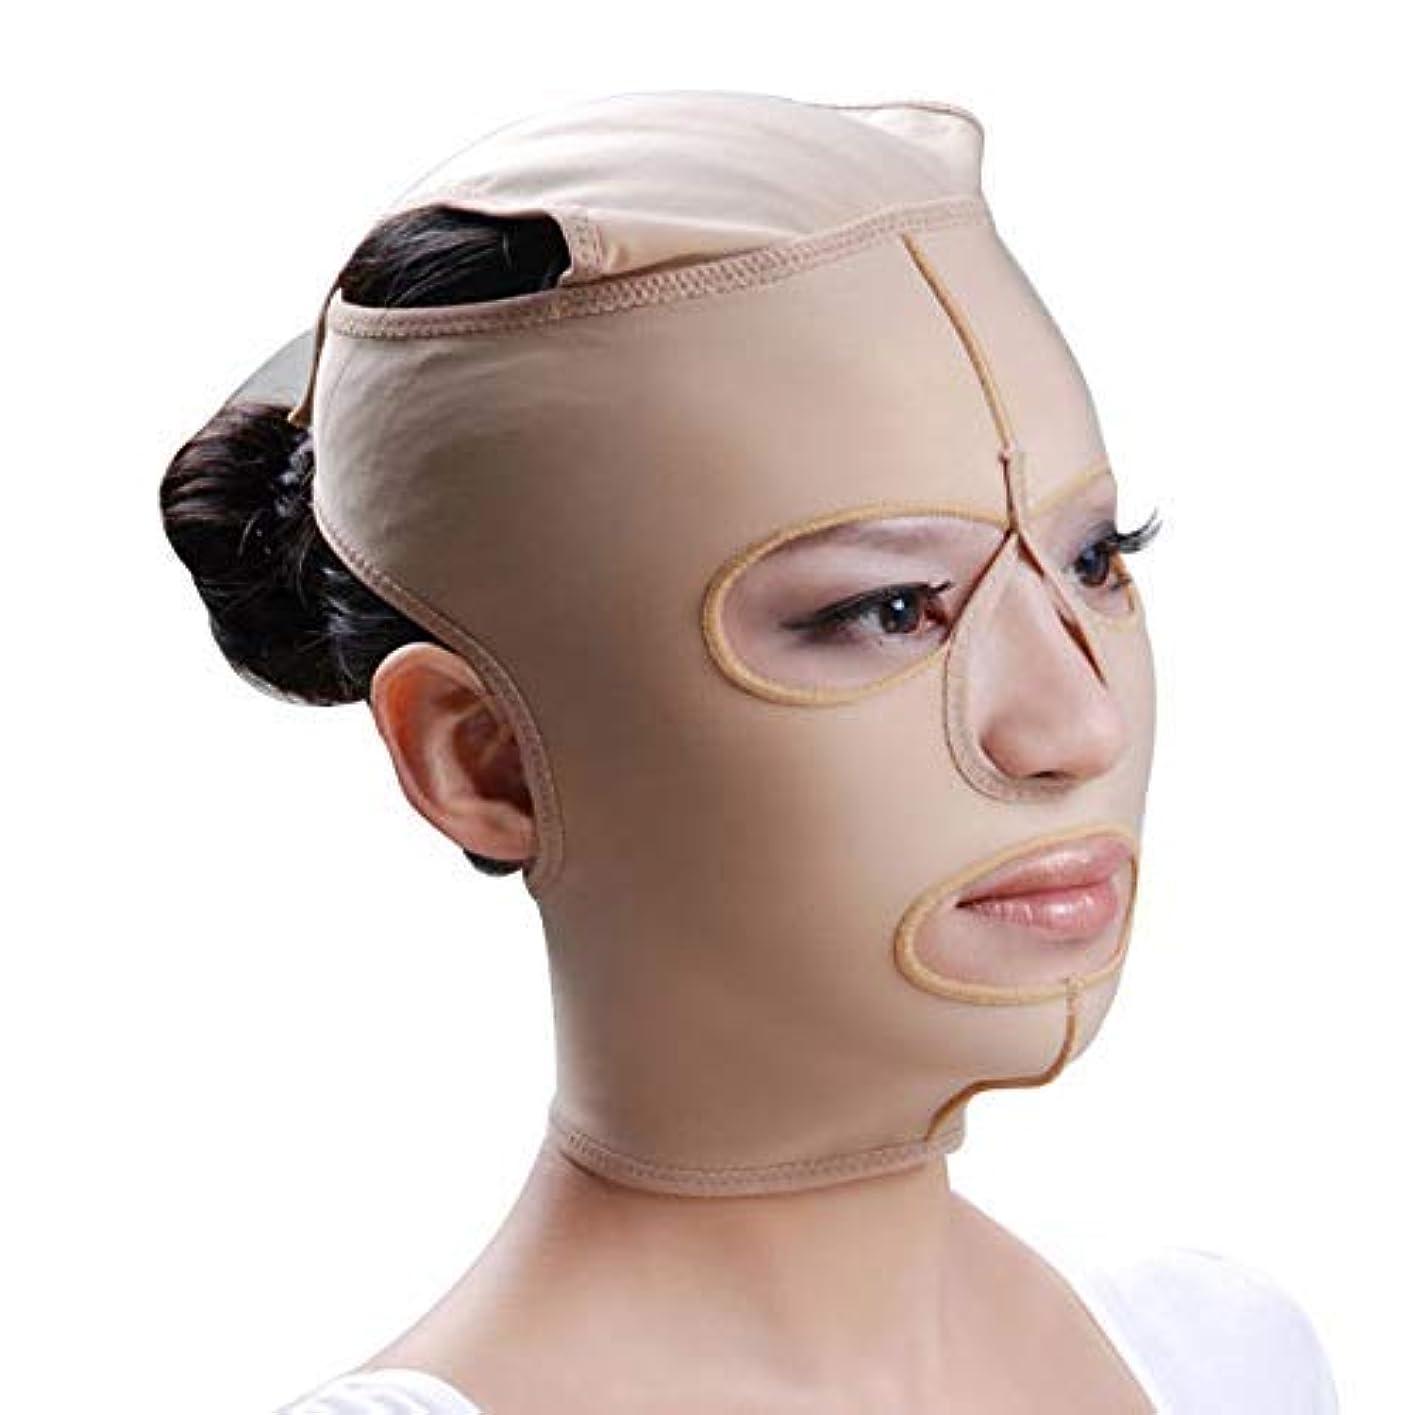 フォージ結果決めますファーミングフェイスマスク、フェイシャルマスクエラスティックフェイスリフティングリフティングファーミングパターンマイクロフィニッシングポストモデリングコンプレッションフェイスマスク(サイズ:S),L